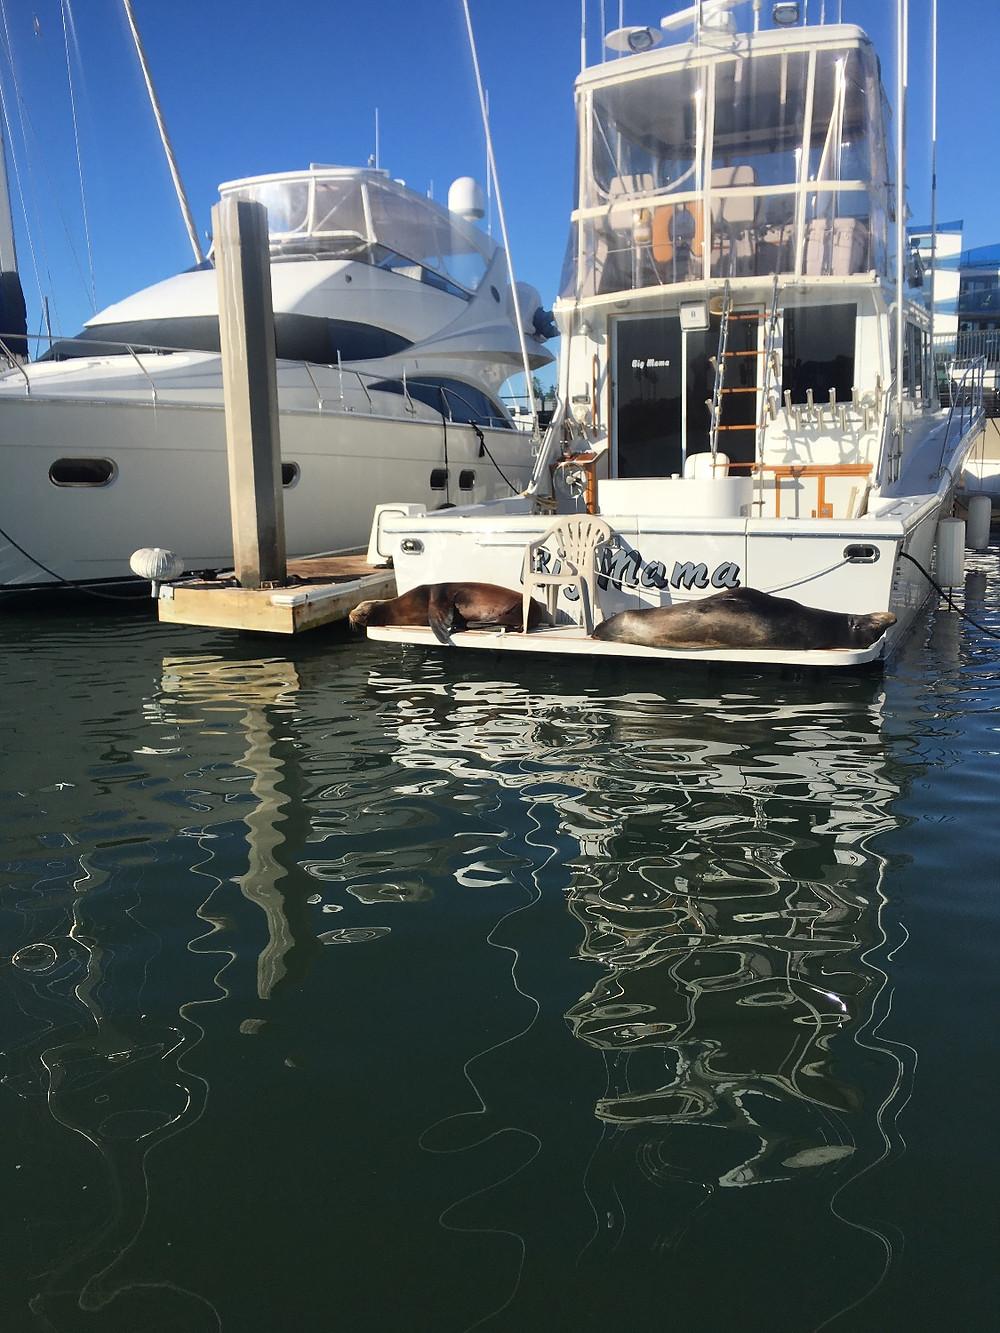 Marina Del Rey seals on a boat